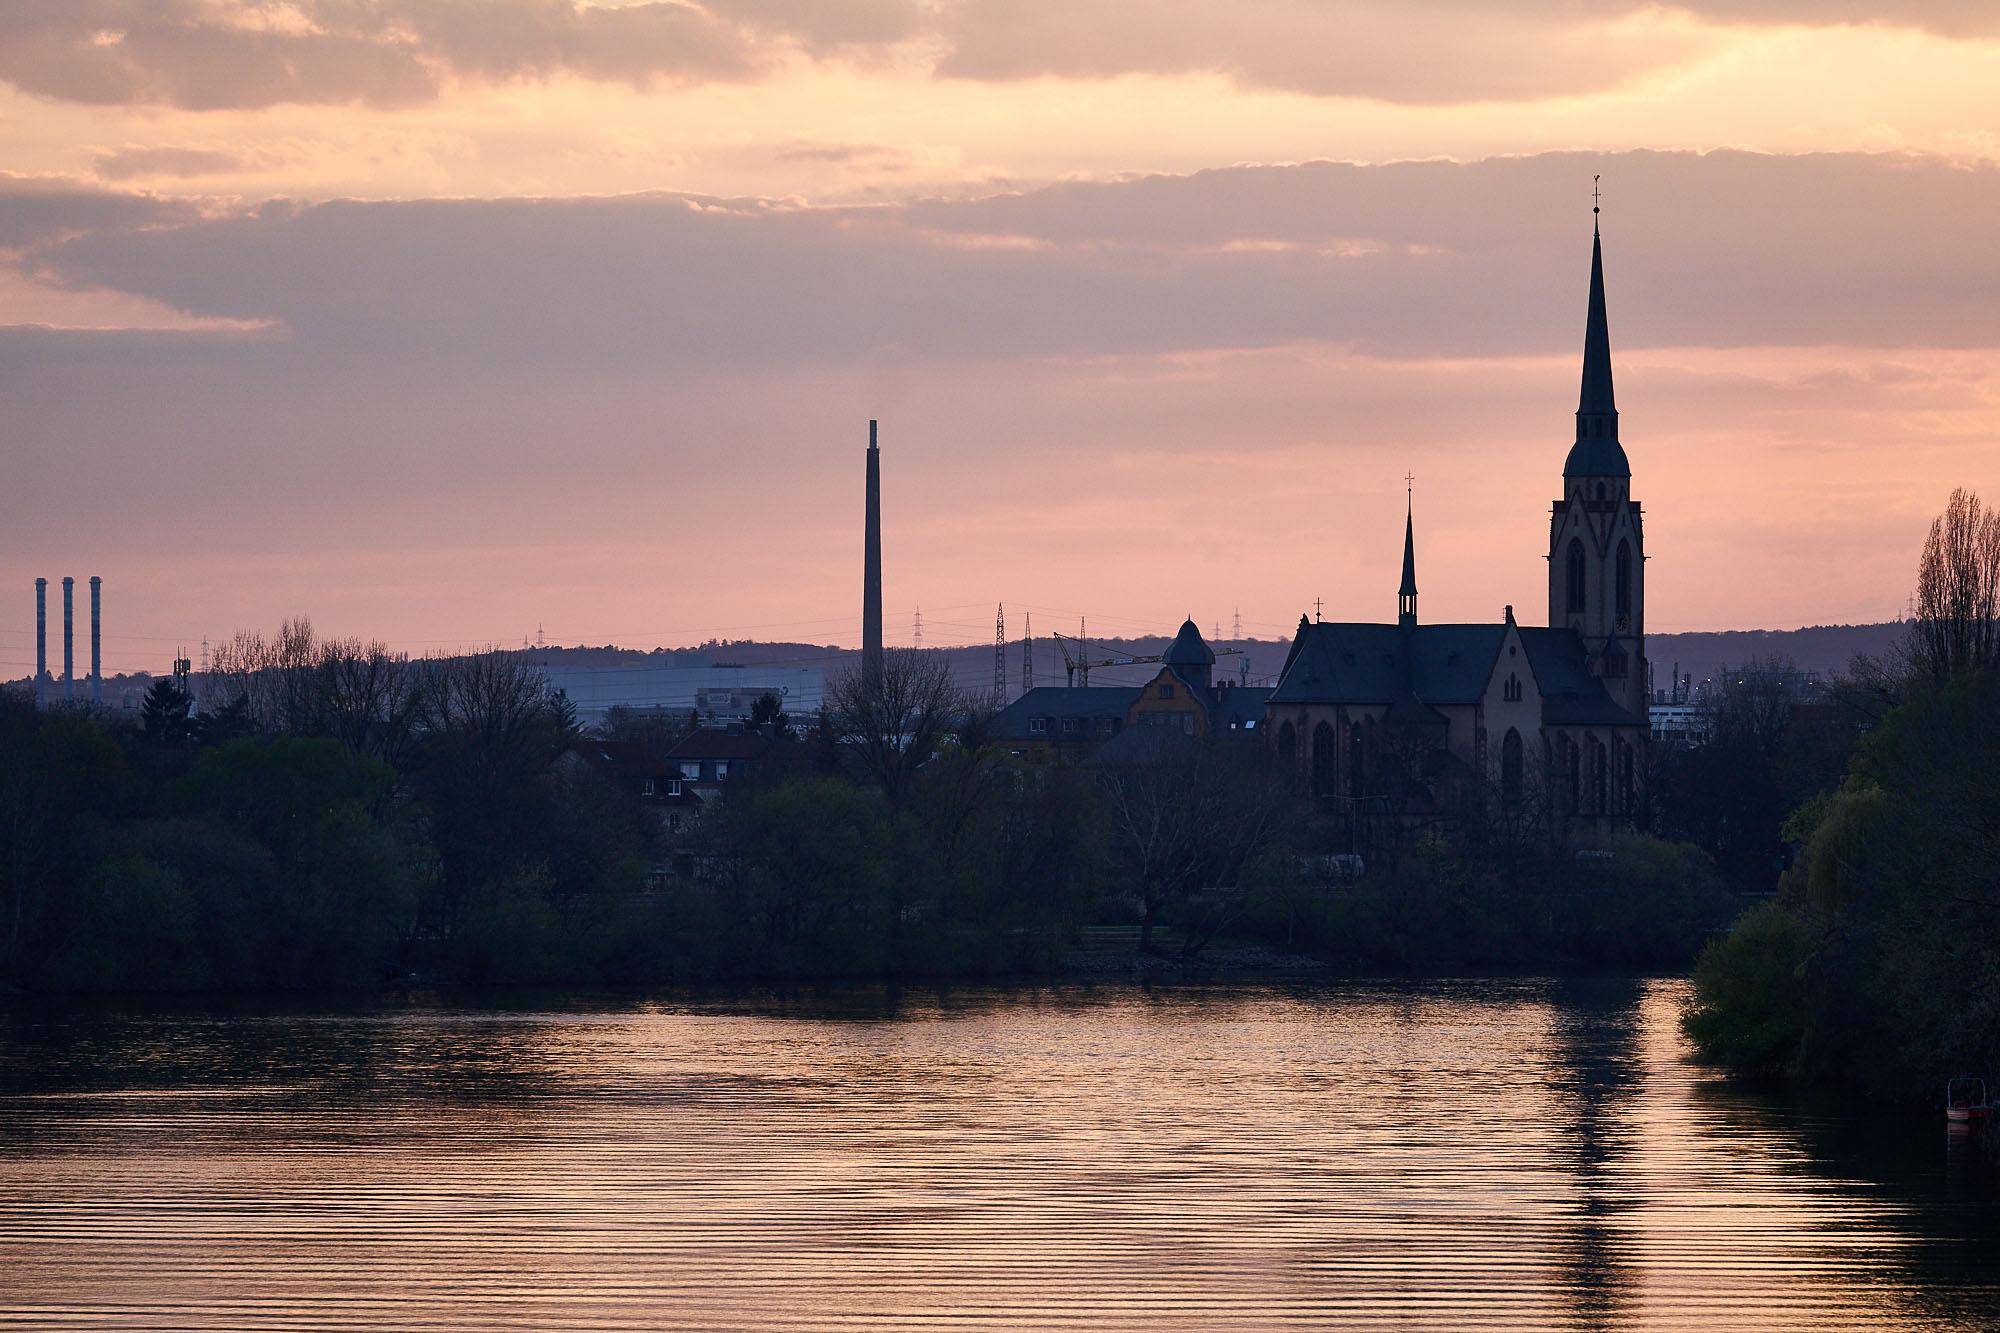 expresskasse / Fluss mit Kirche und Industriepark